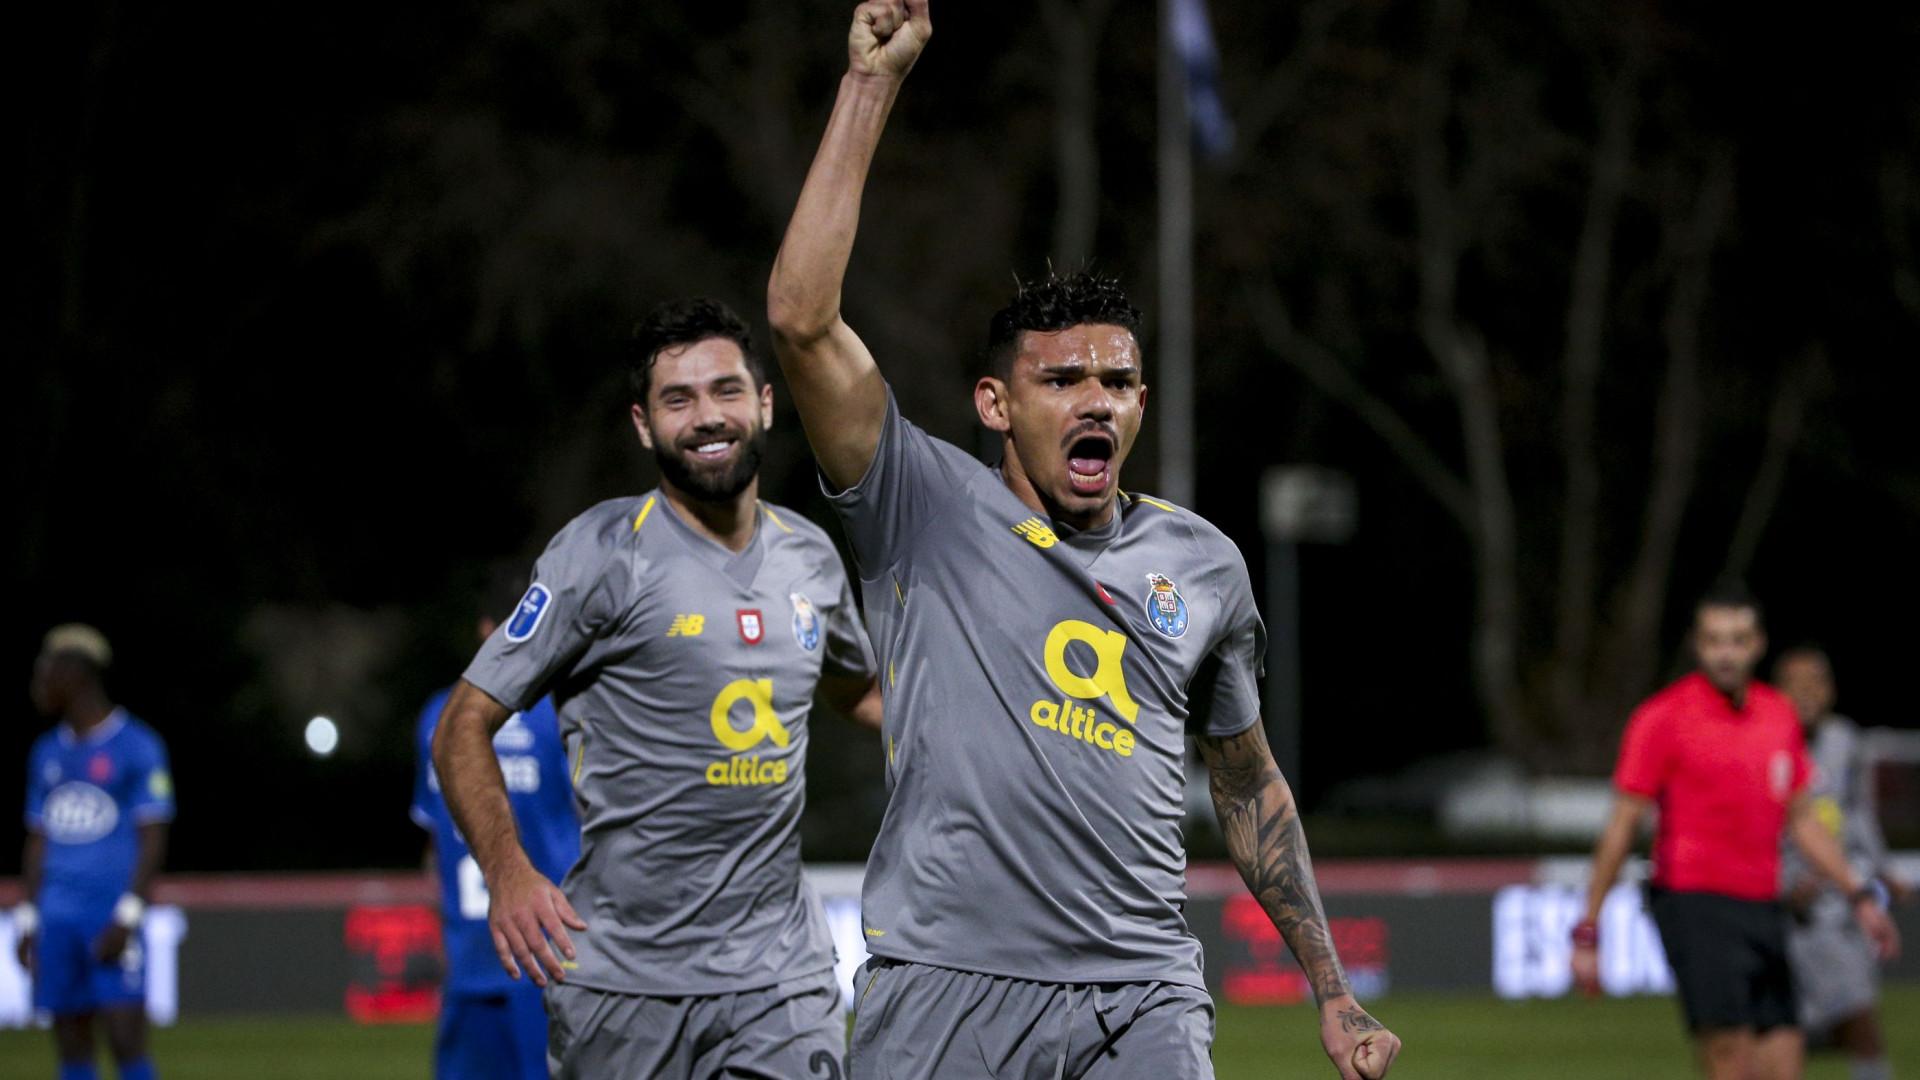 Golos de Marega e Tiquinho Soares garantiram o triunfo do FC Porto sobre o  Belenenses SAD no último encontro do Grupo C da Taça da Liga. 544bdb21fa2bd